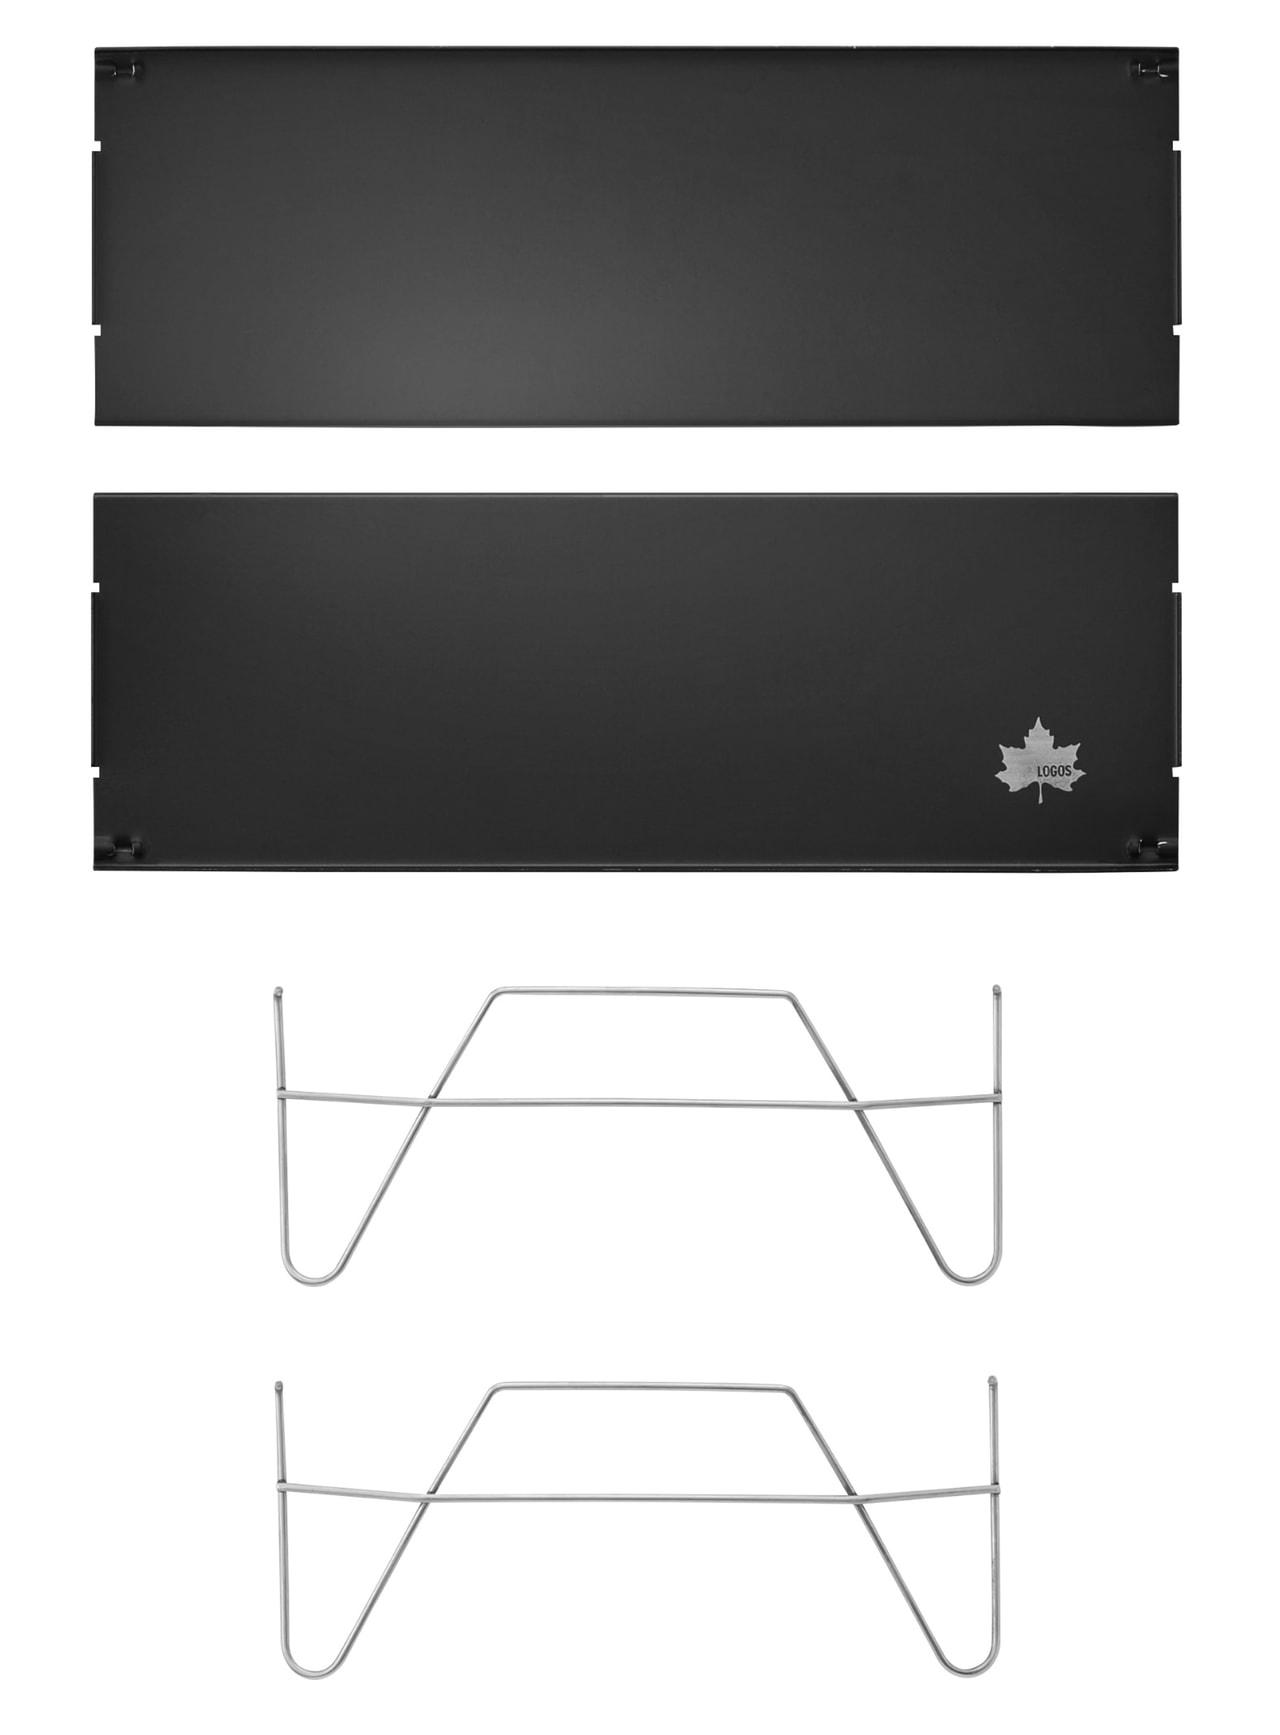 SOLO用テーブル (7)